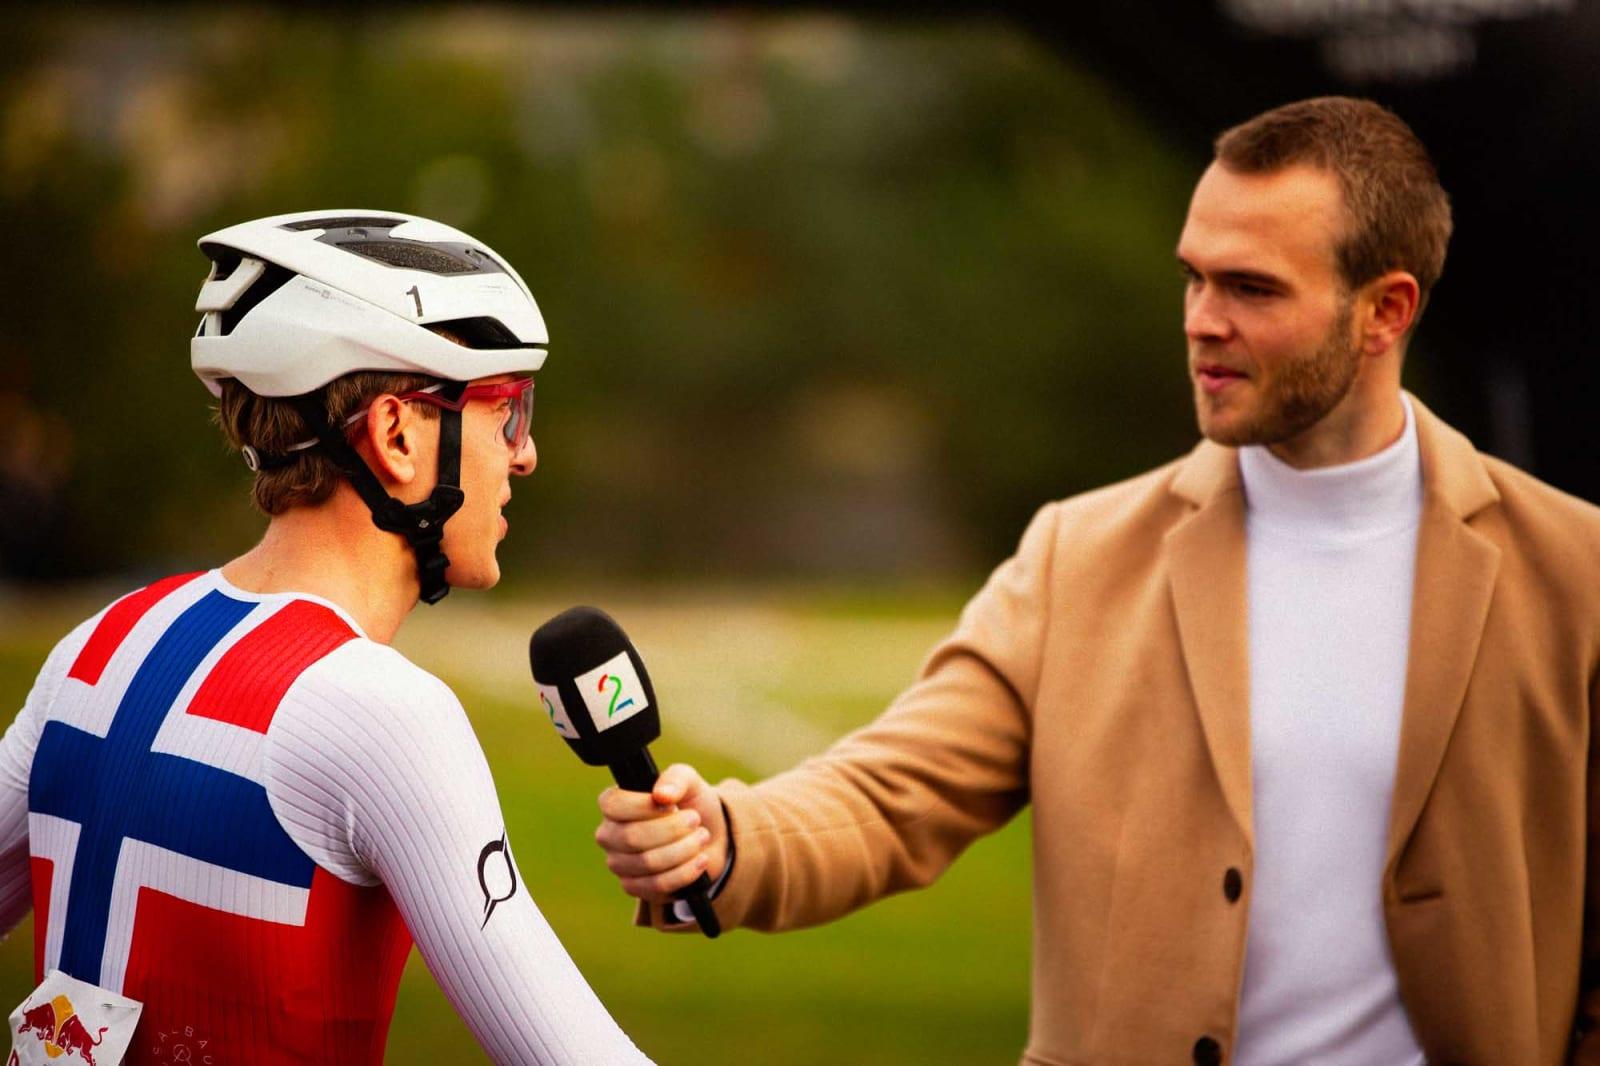 Jeg har aldri blitt intervjuet av TV2 etter noe ritt før. Jeg visste de egentlig var der for Edvald, og jeg tror det var han de viste på TV-innslaget senere. Men det var veldig kult å bli intervjuet.